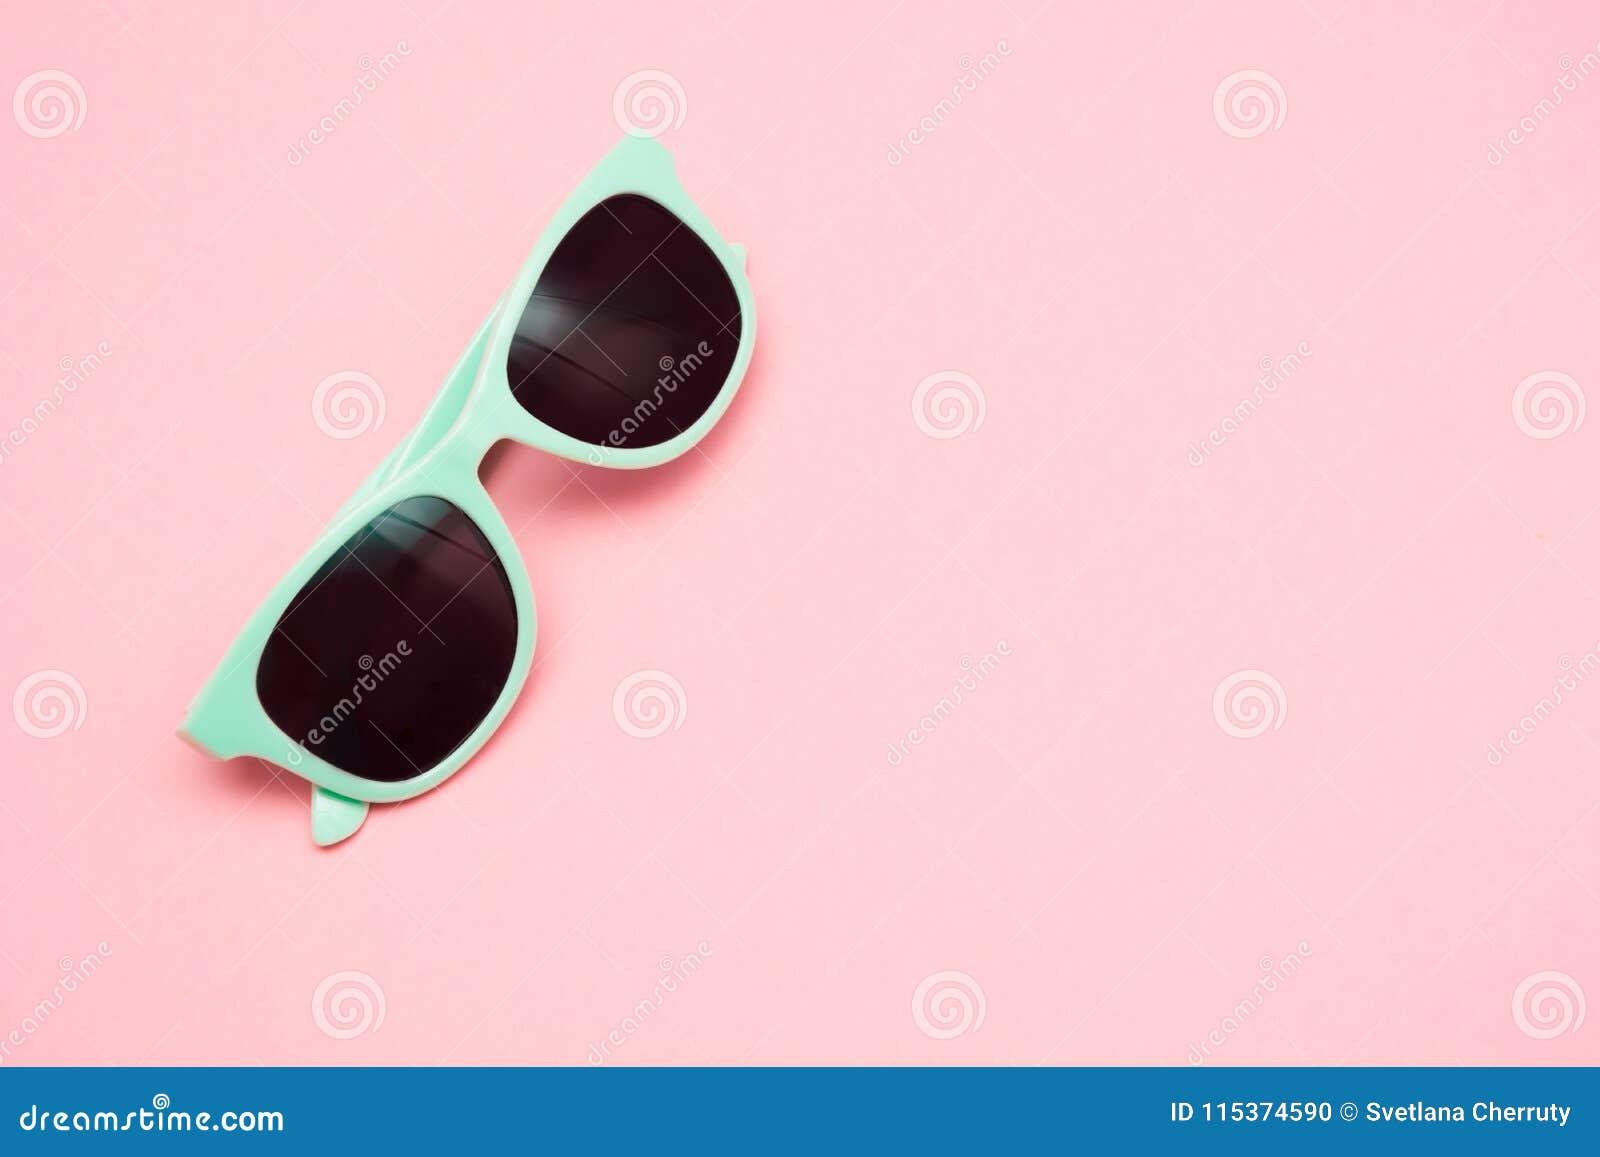 Πράσινα γυαλιά ηλίου κρητιδογραφιών που απομονώνονται στη punchy ρόδινη, τοπ άποψη διάστημα αντιγράφων καλοκαίρι θαλασσινών κοχυλ